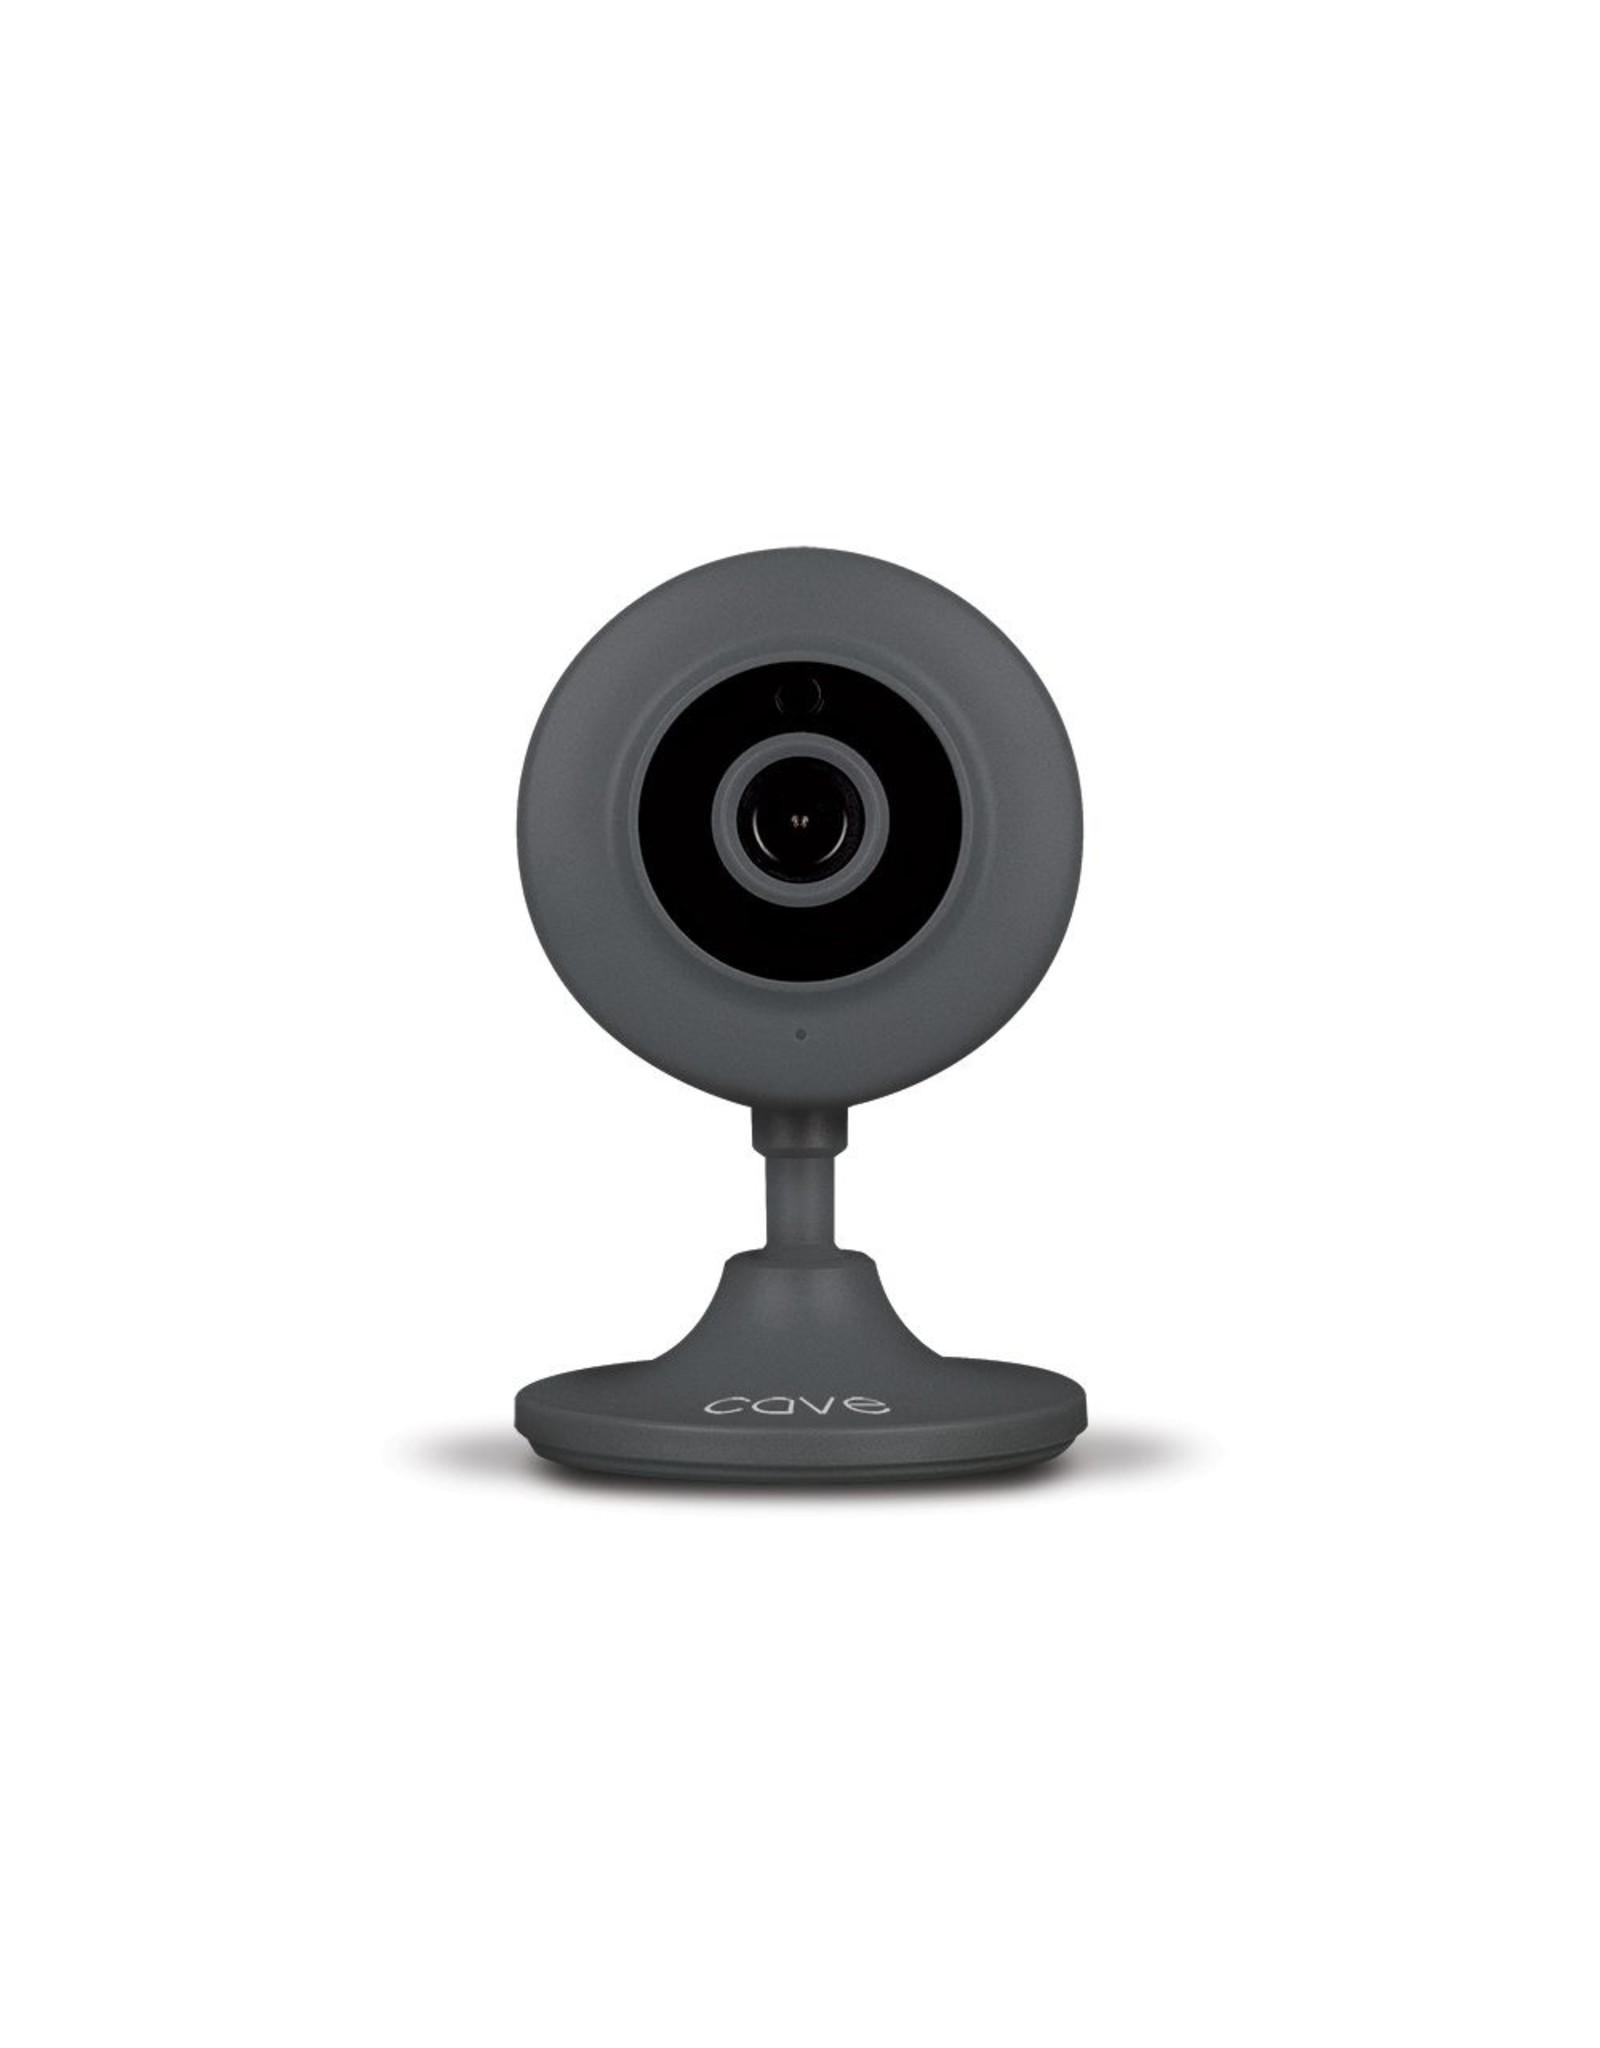 Veho Veho Cave Wireless IP Camera